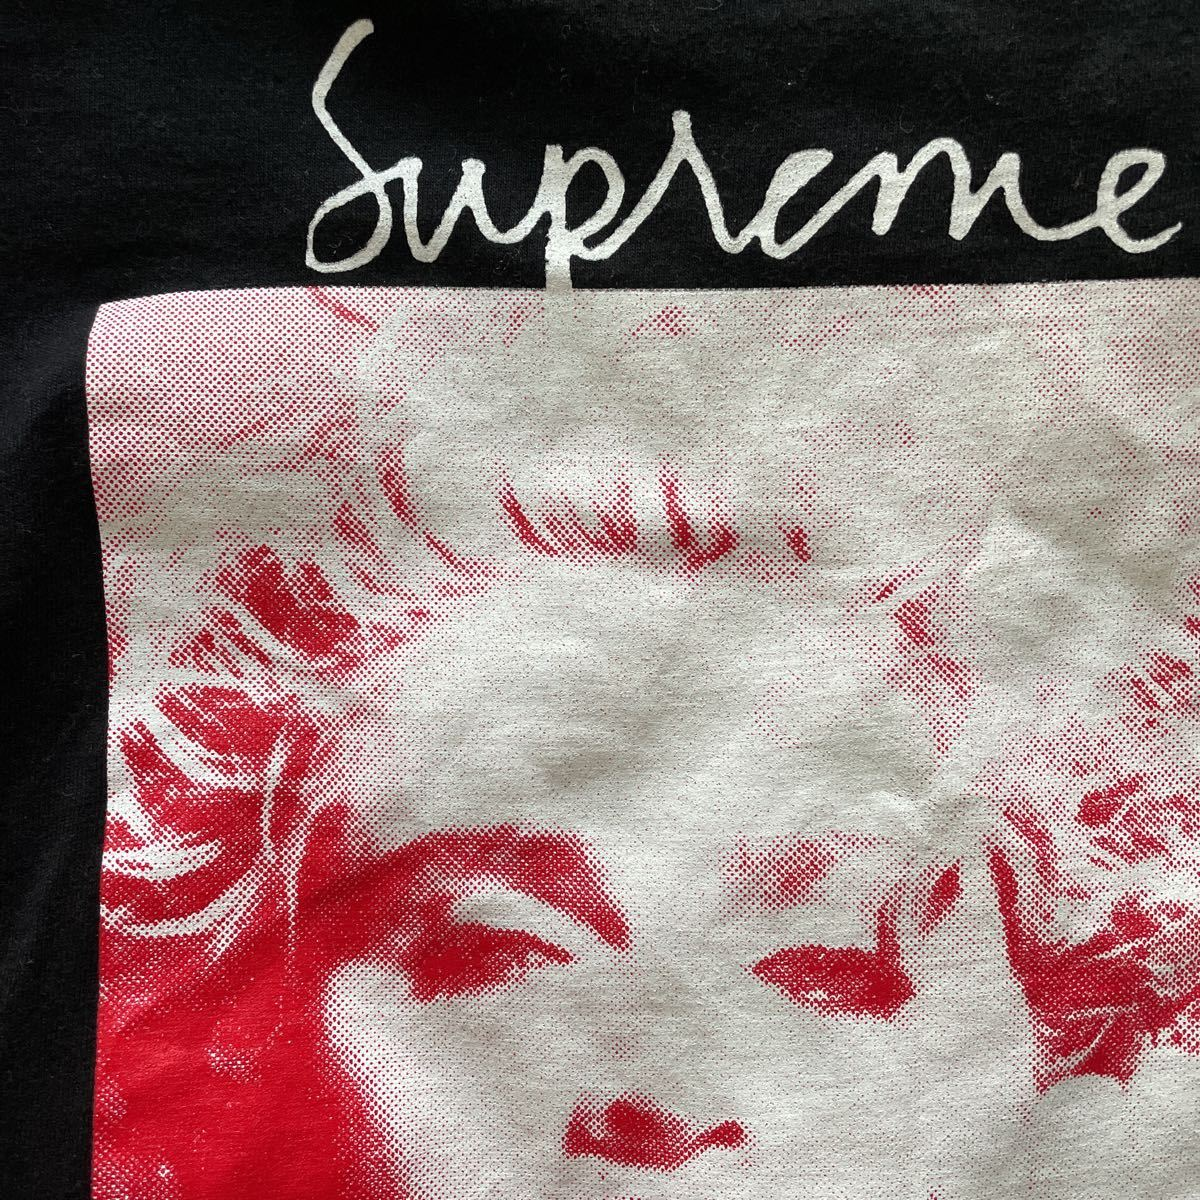 L Supreme Madonna Tee 18FW Large Black シュプリーム マドンナ Tシャツ 半袖 ブラック 黒 18AW_画像5